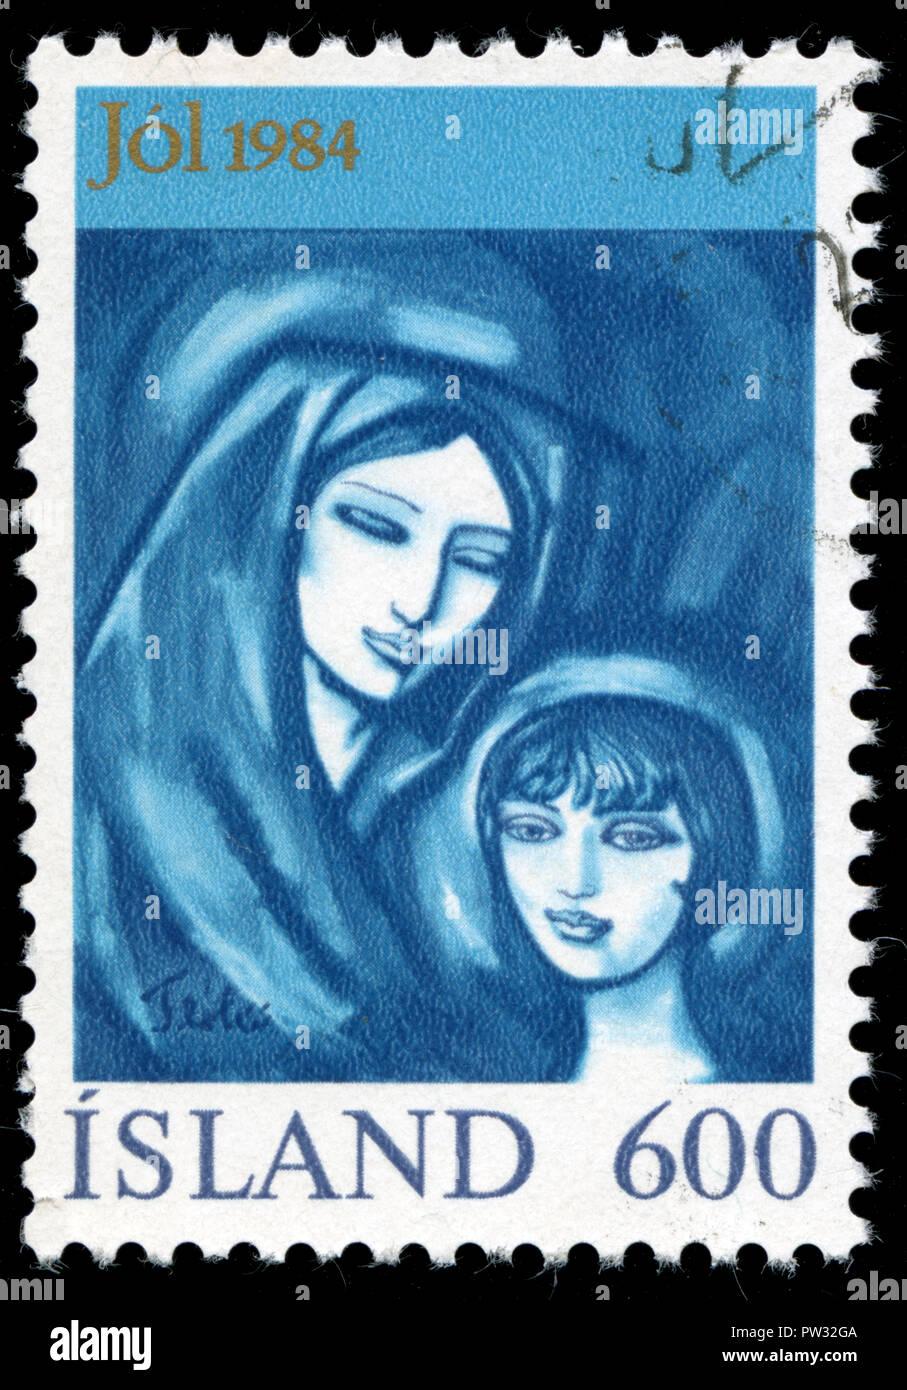 Timbre cachet de l'Islande, à la série de noël publié en 1984 Photo Stock